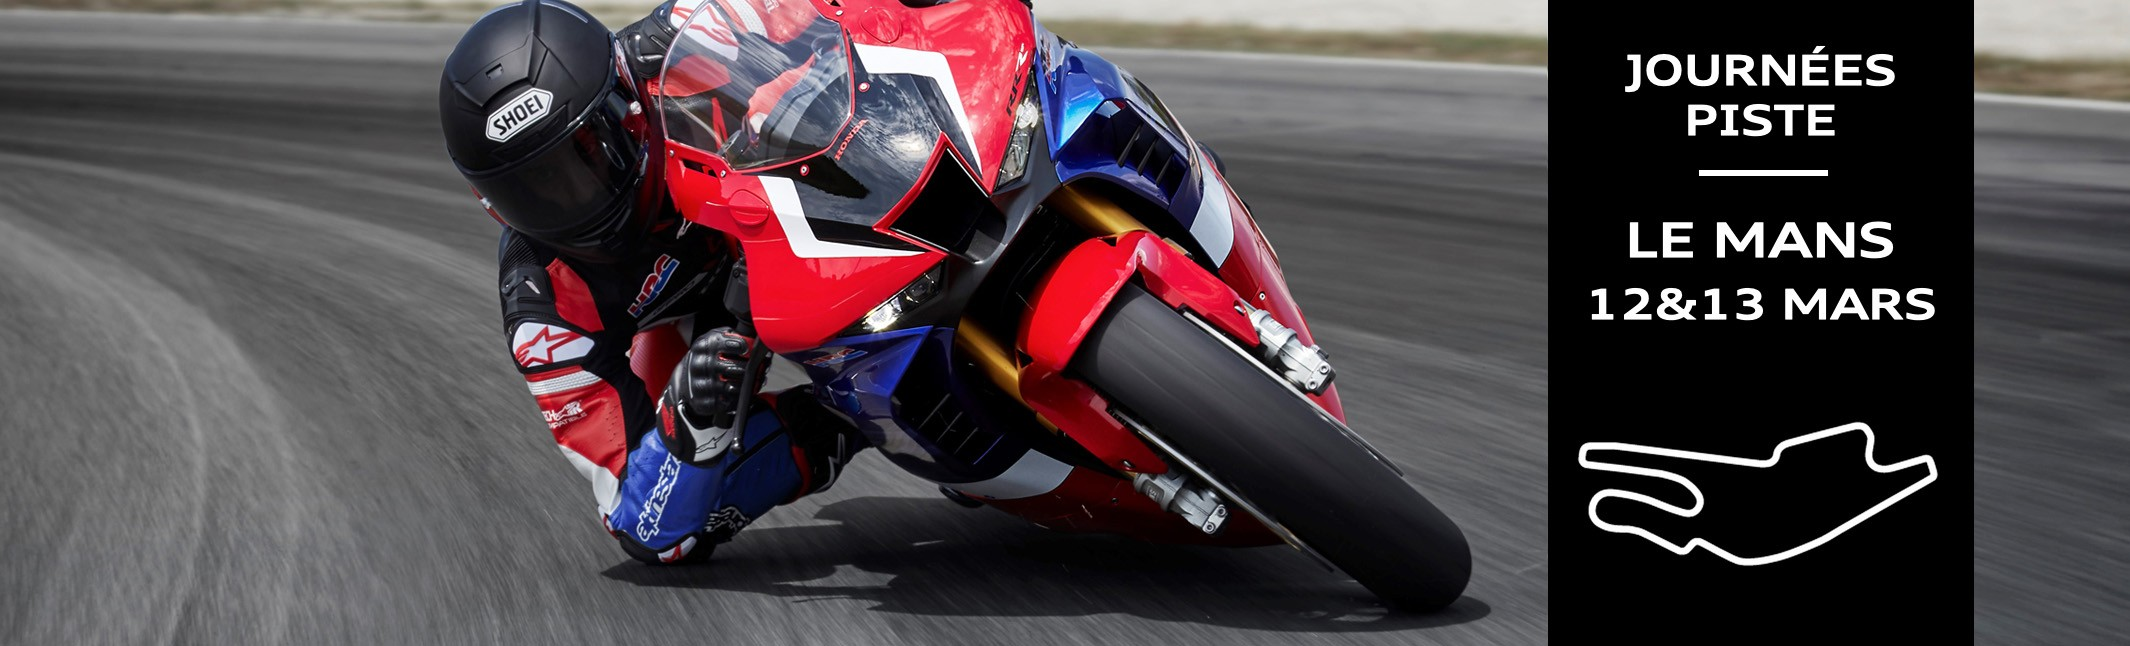 Le Mans 12/13 Mars